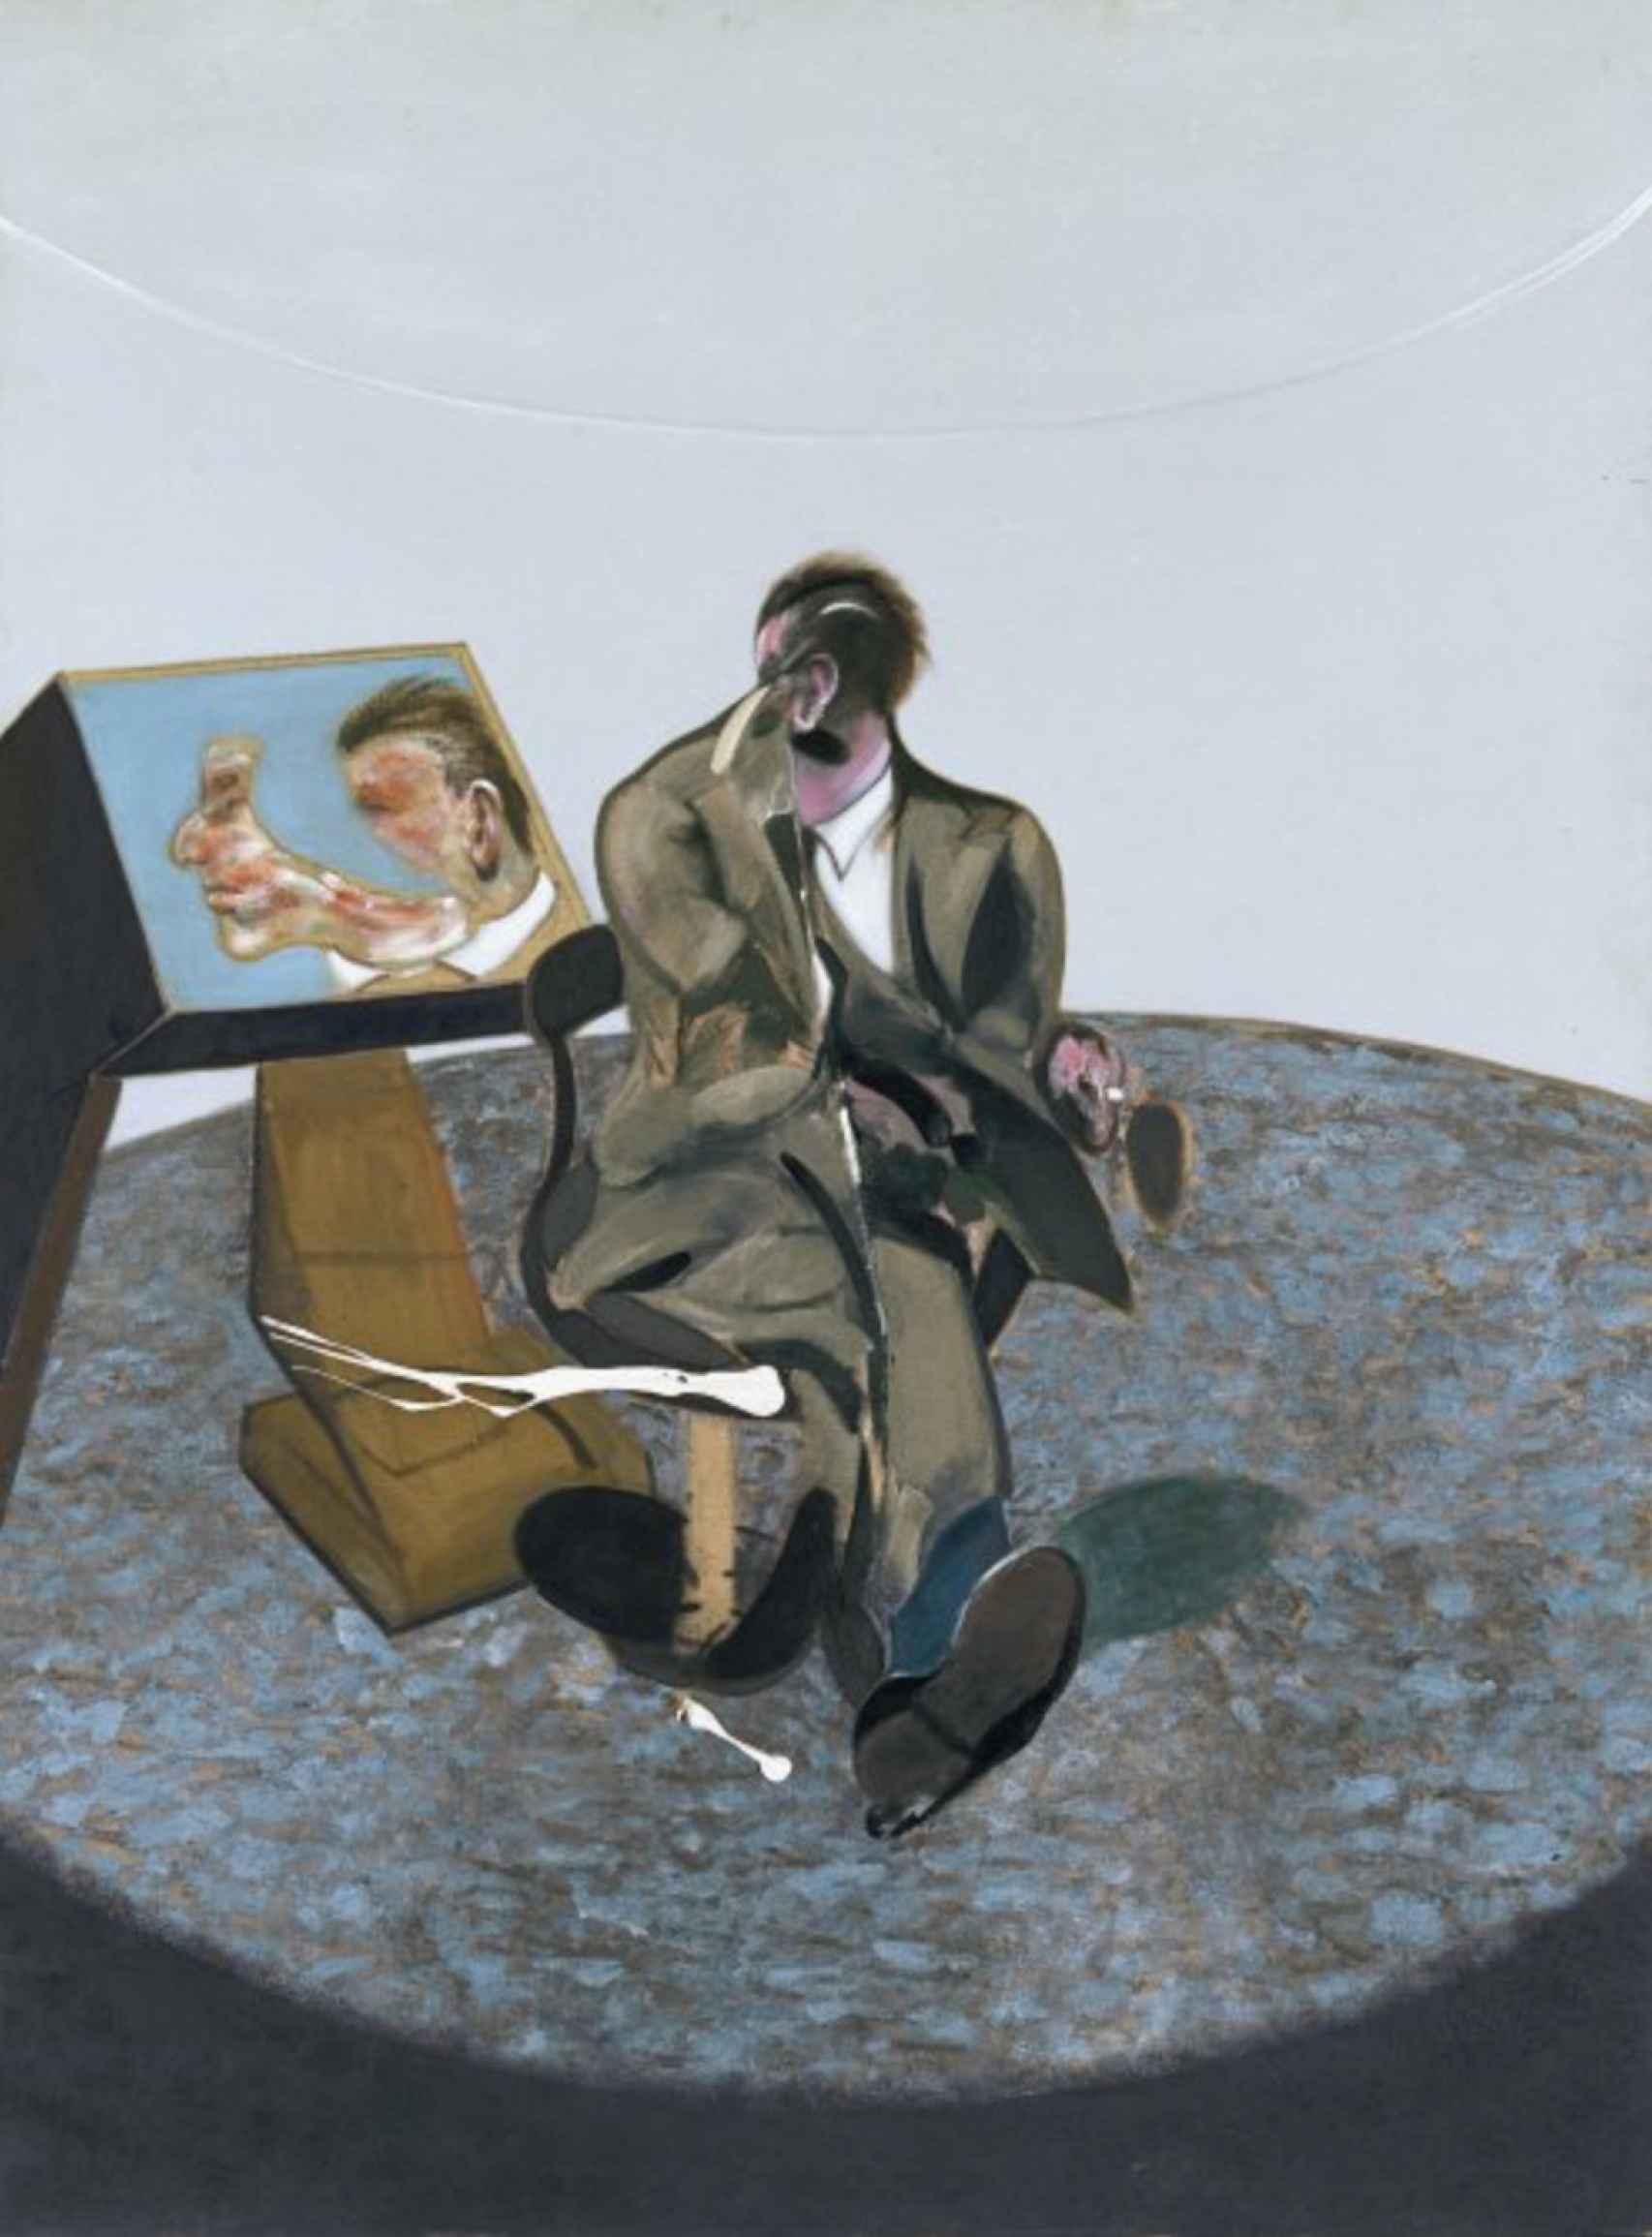 Retrato de George Dyer en un espejo (1968).